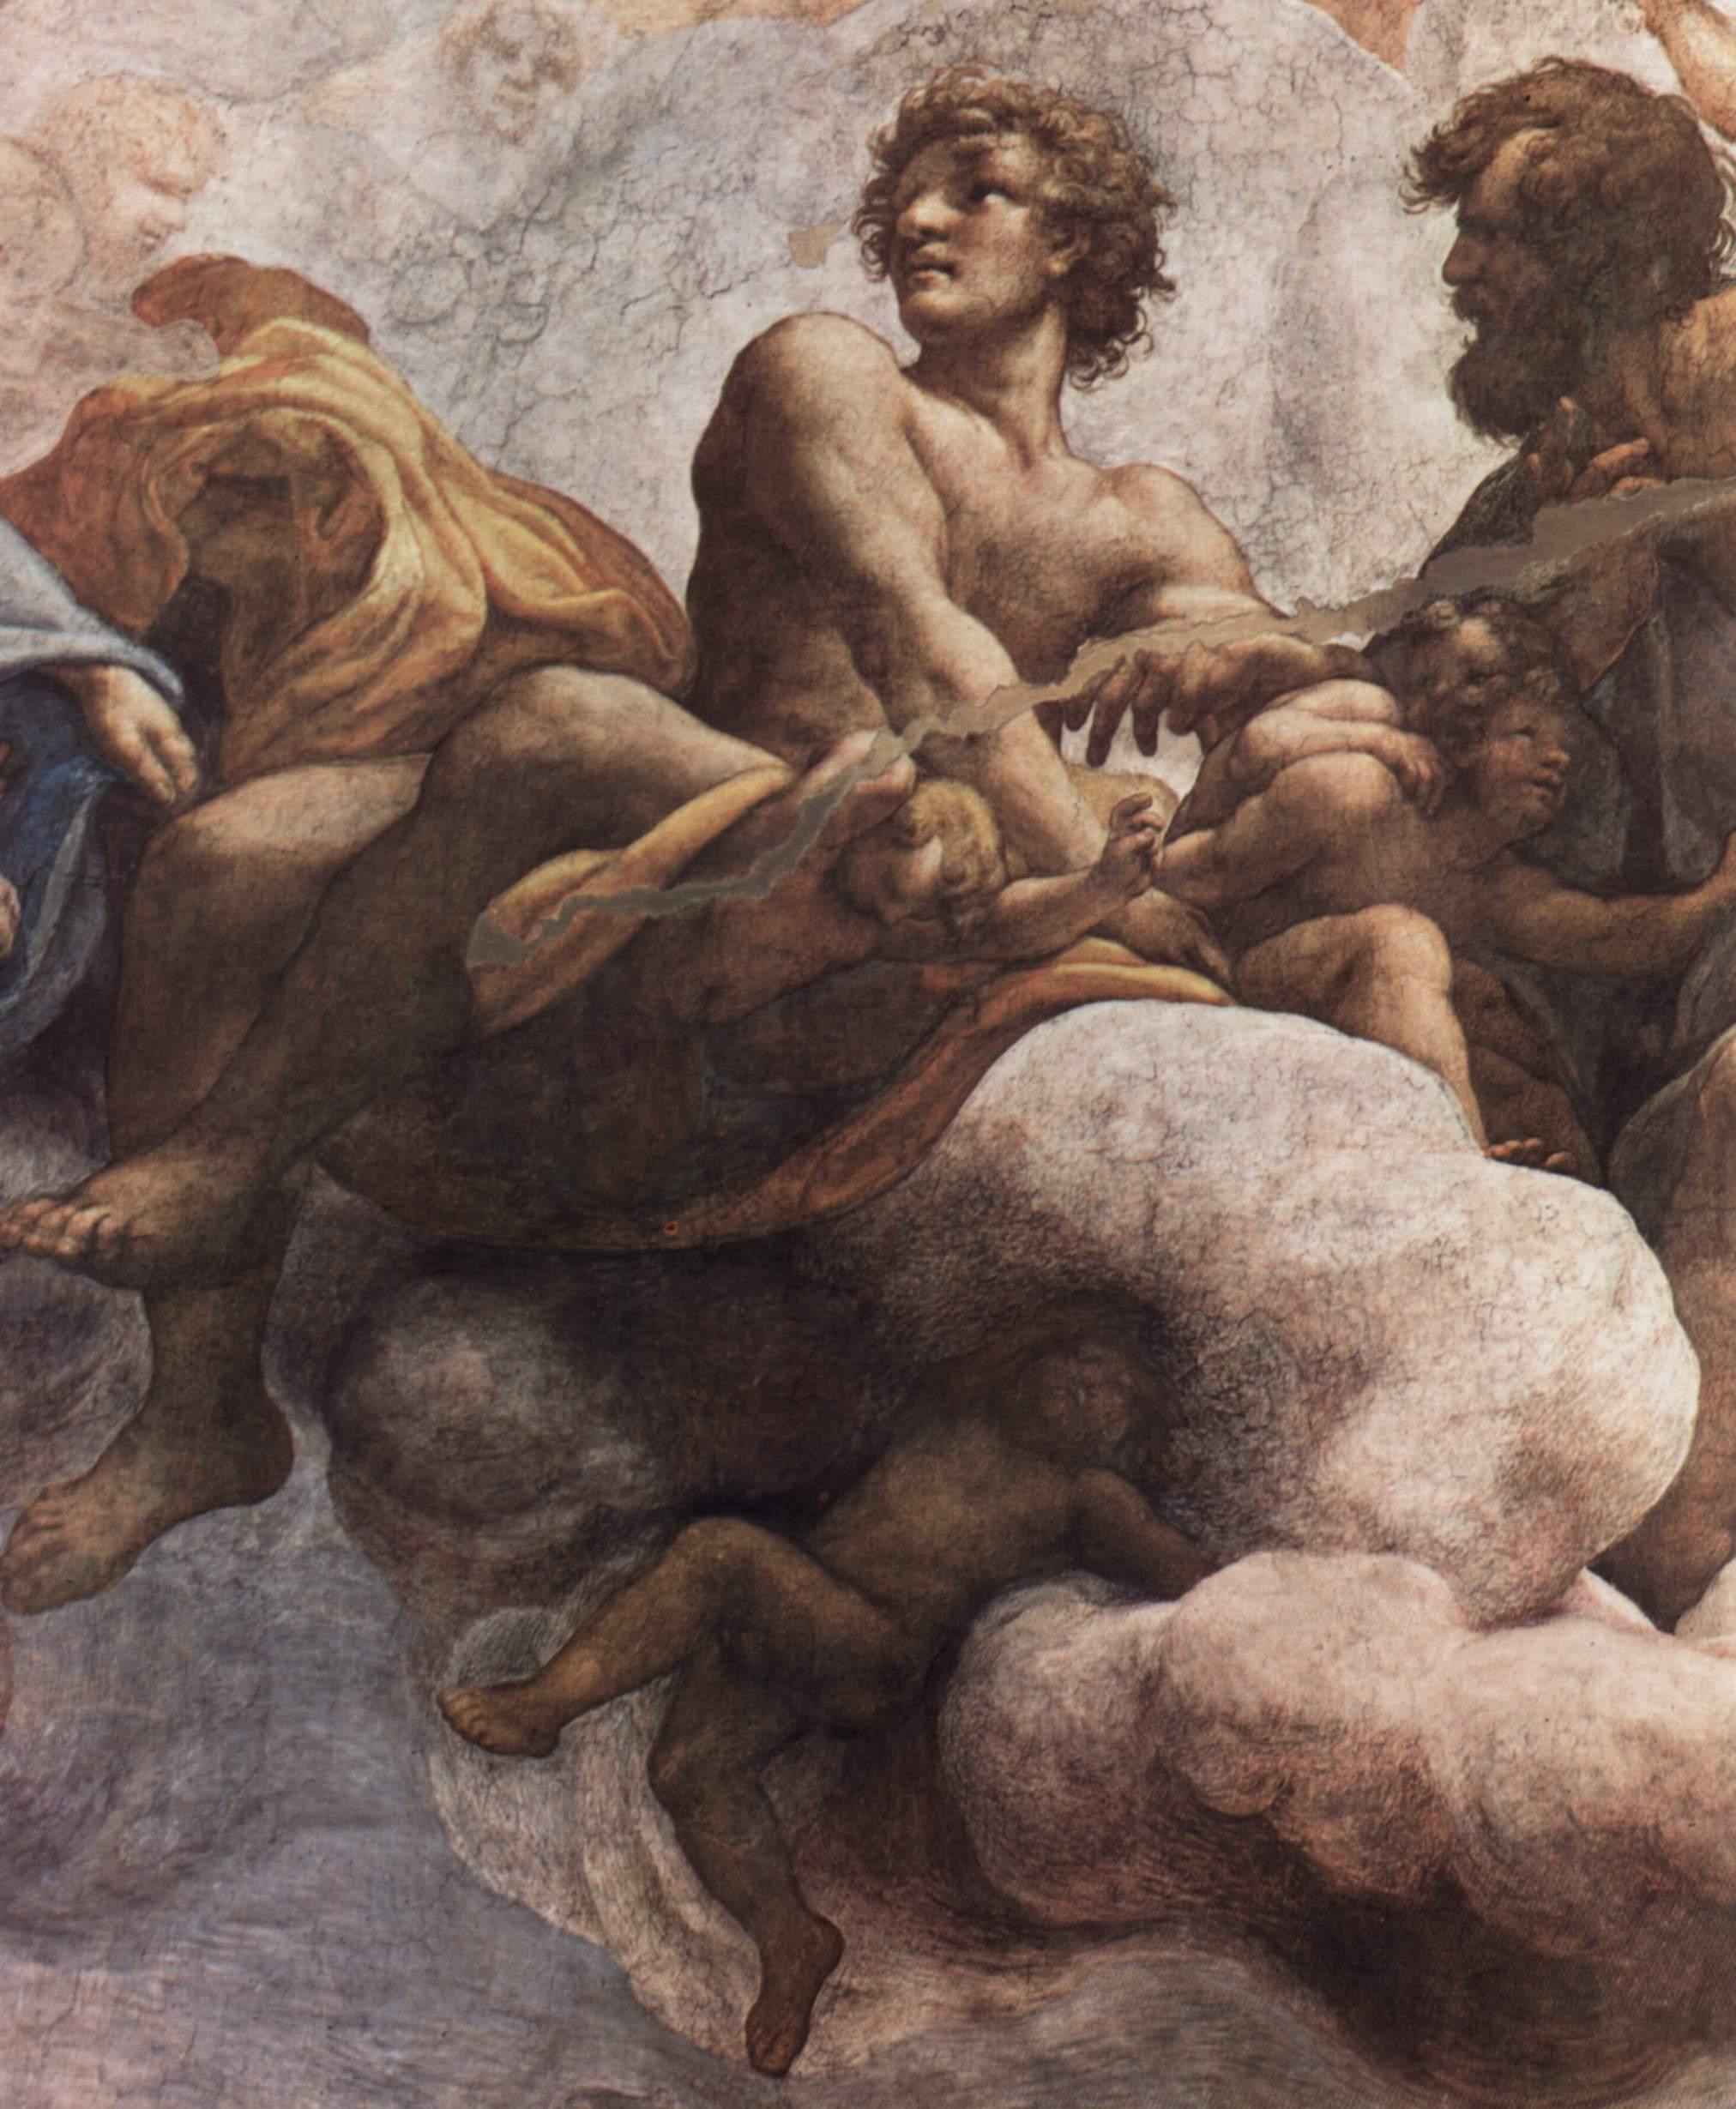 Фрески в церкви Сан Джованни Евангелиста в Парме, роспись купола, видение св. Иоанна на Патмосе, Корреджо